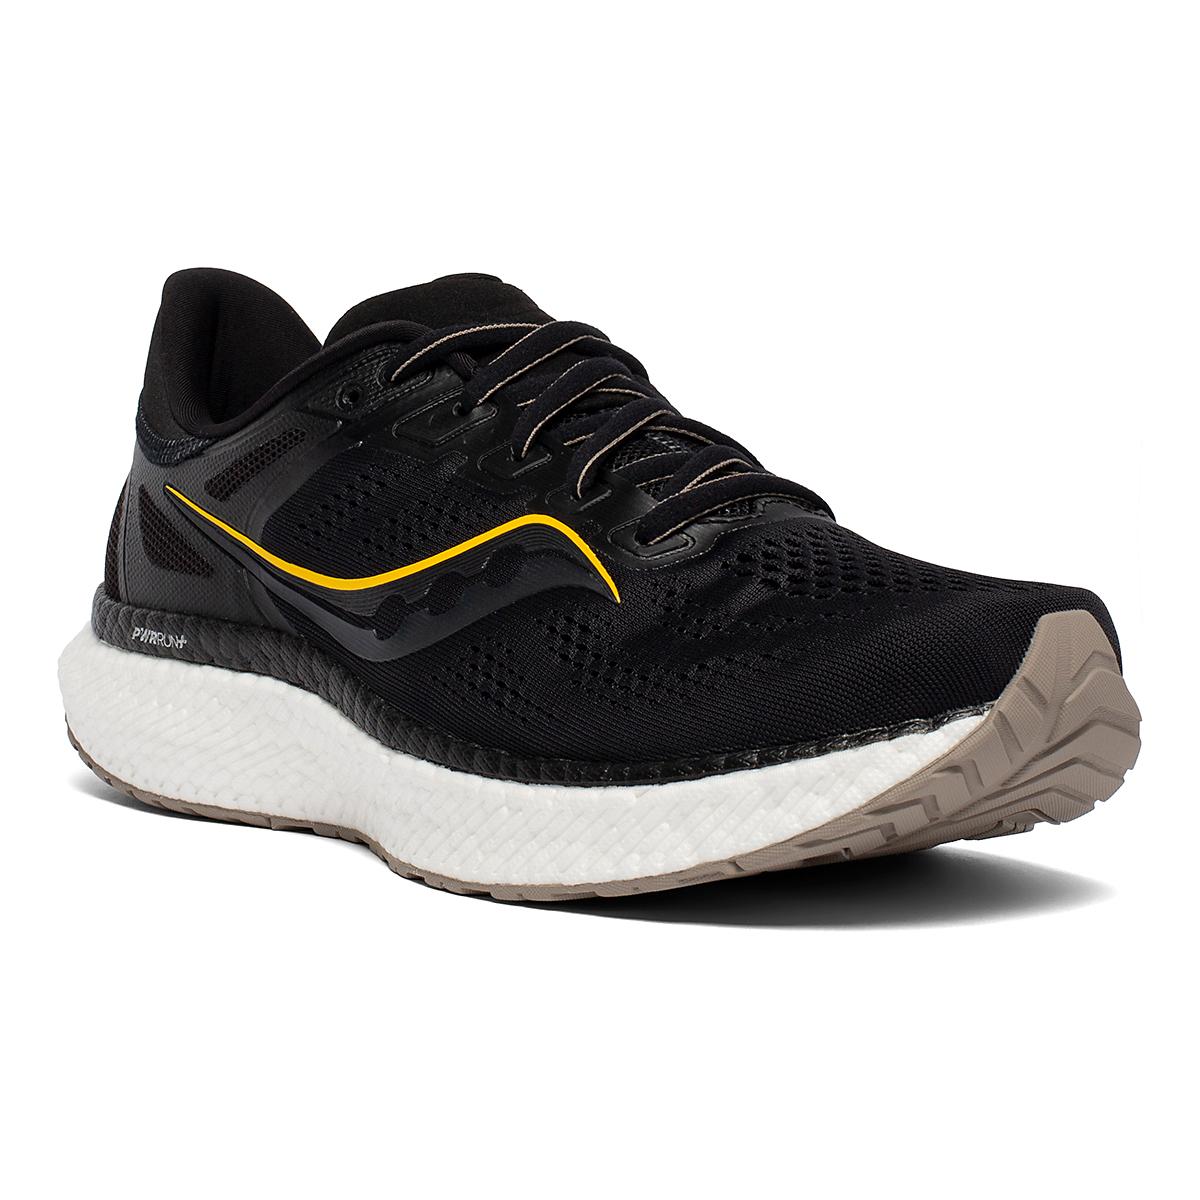 Men's Saucony Hurricane 23 Running Shoe - Color: Black/Vizigold - Size: 7 - Width: Regular, Black/Vizigold, large, image 3